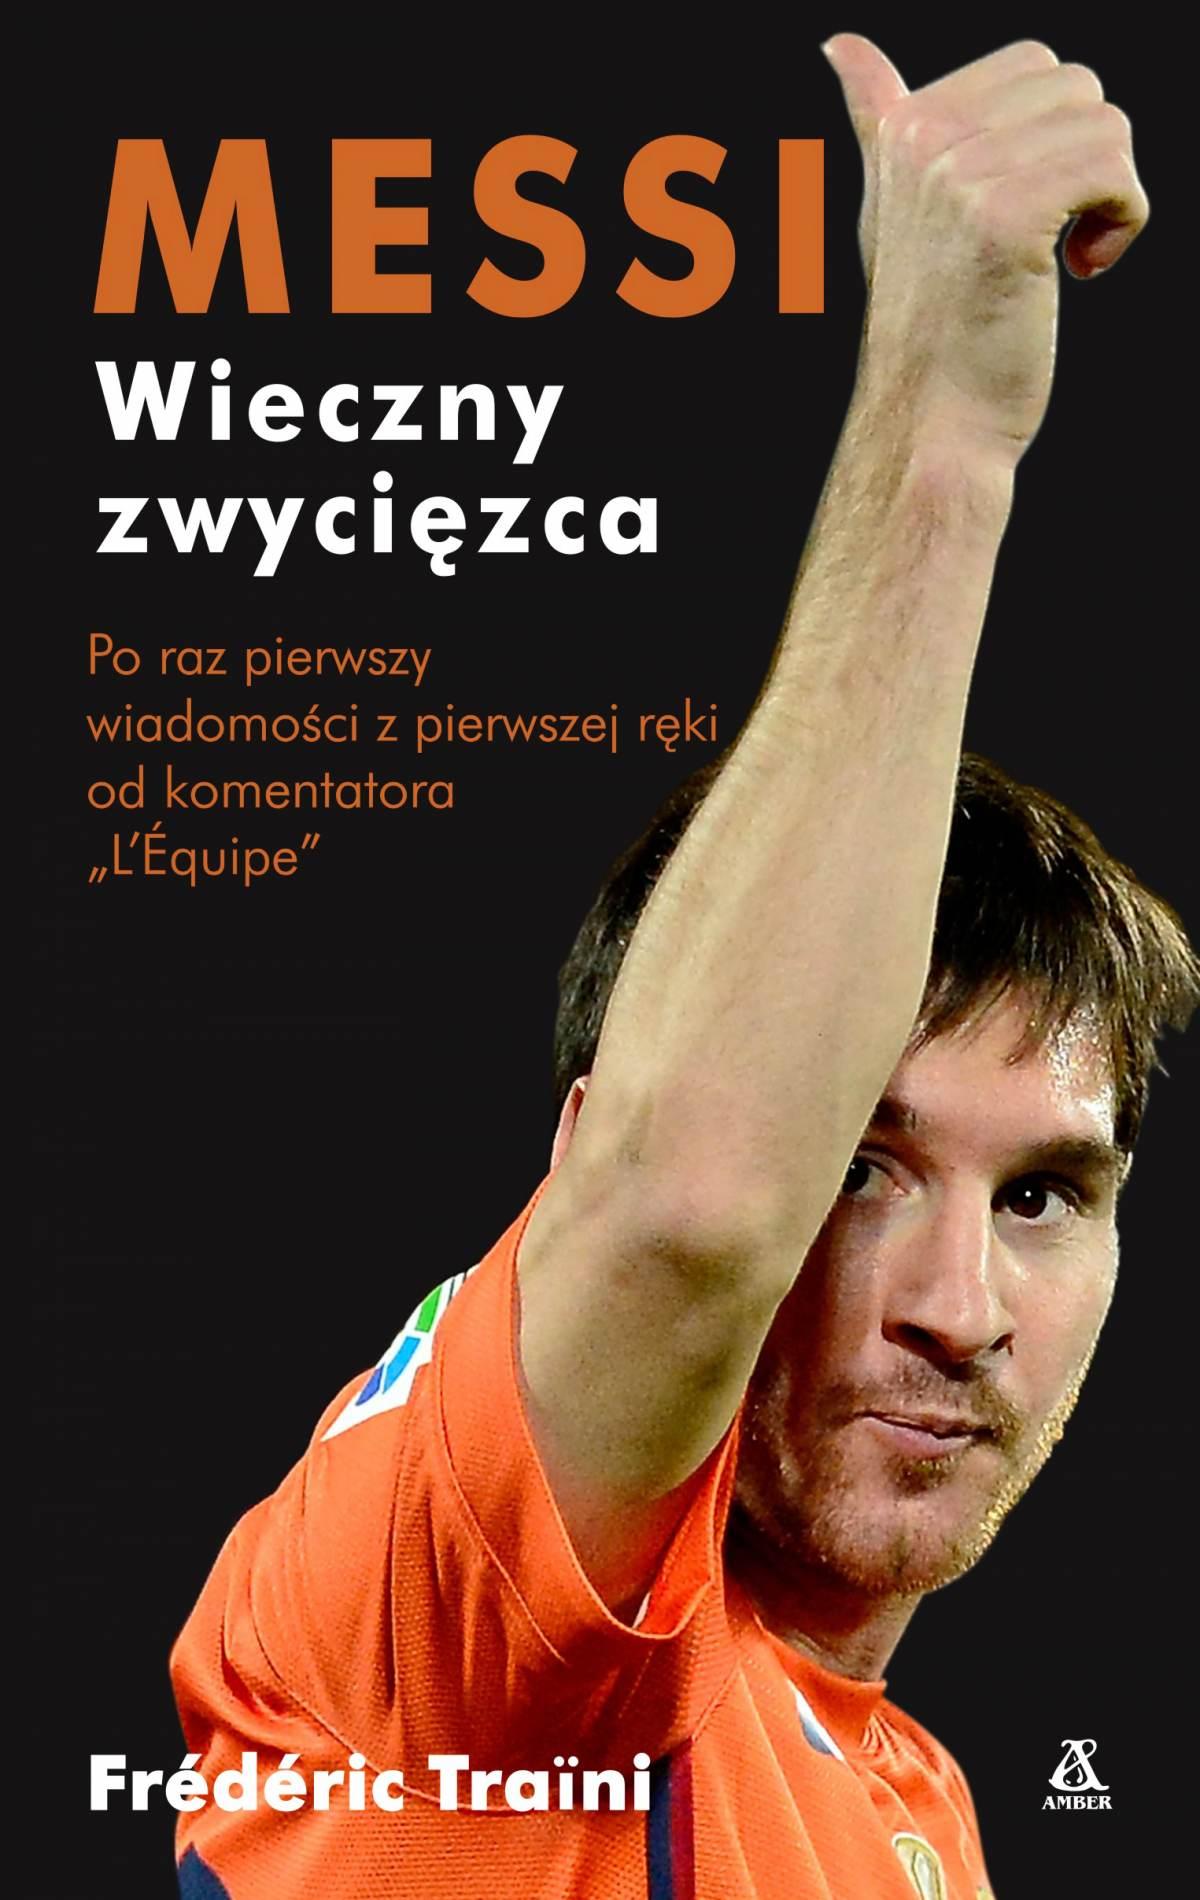 Messi wieczny zwycięzca - Ebook (Książka EPUB) do pobrania w formacie EPUB